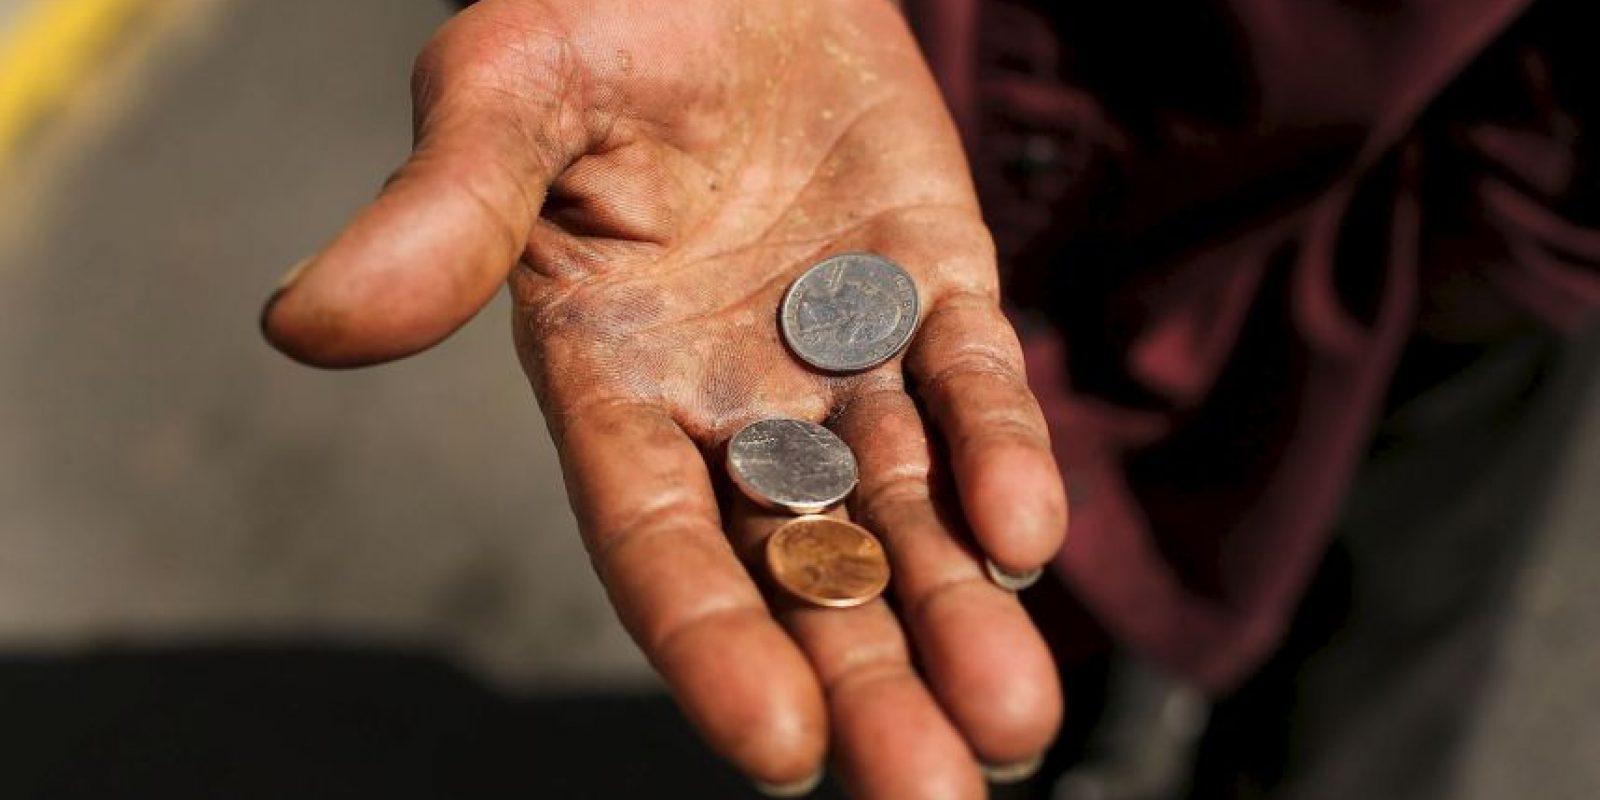 Cinco de los 13 países evaluados presentaron reducción de la pobreza en más de un punto porcentual. Estos son: Foto:Getty